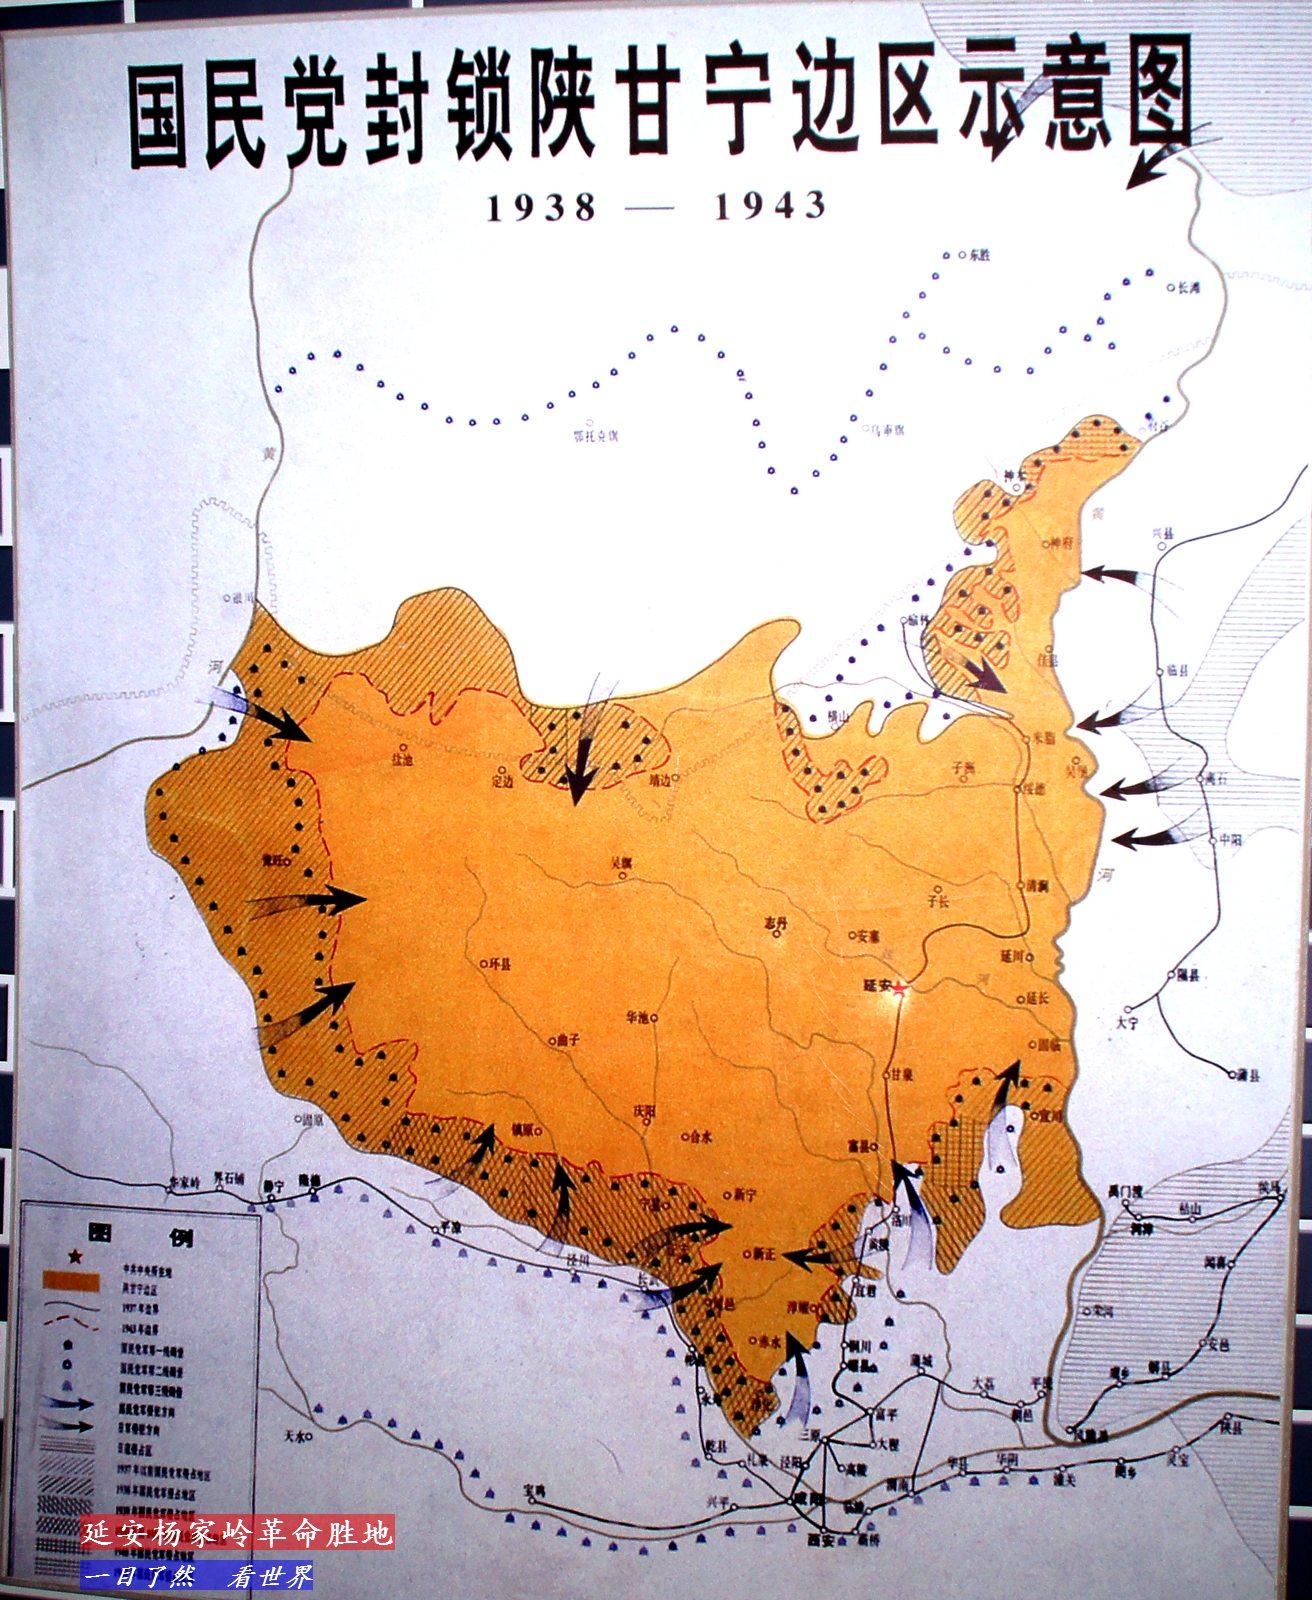 延安杨家岭革命胜地-16-1600.jpg